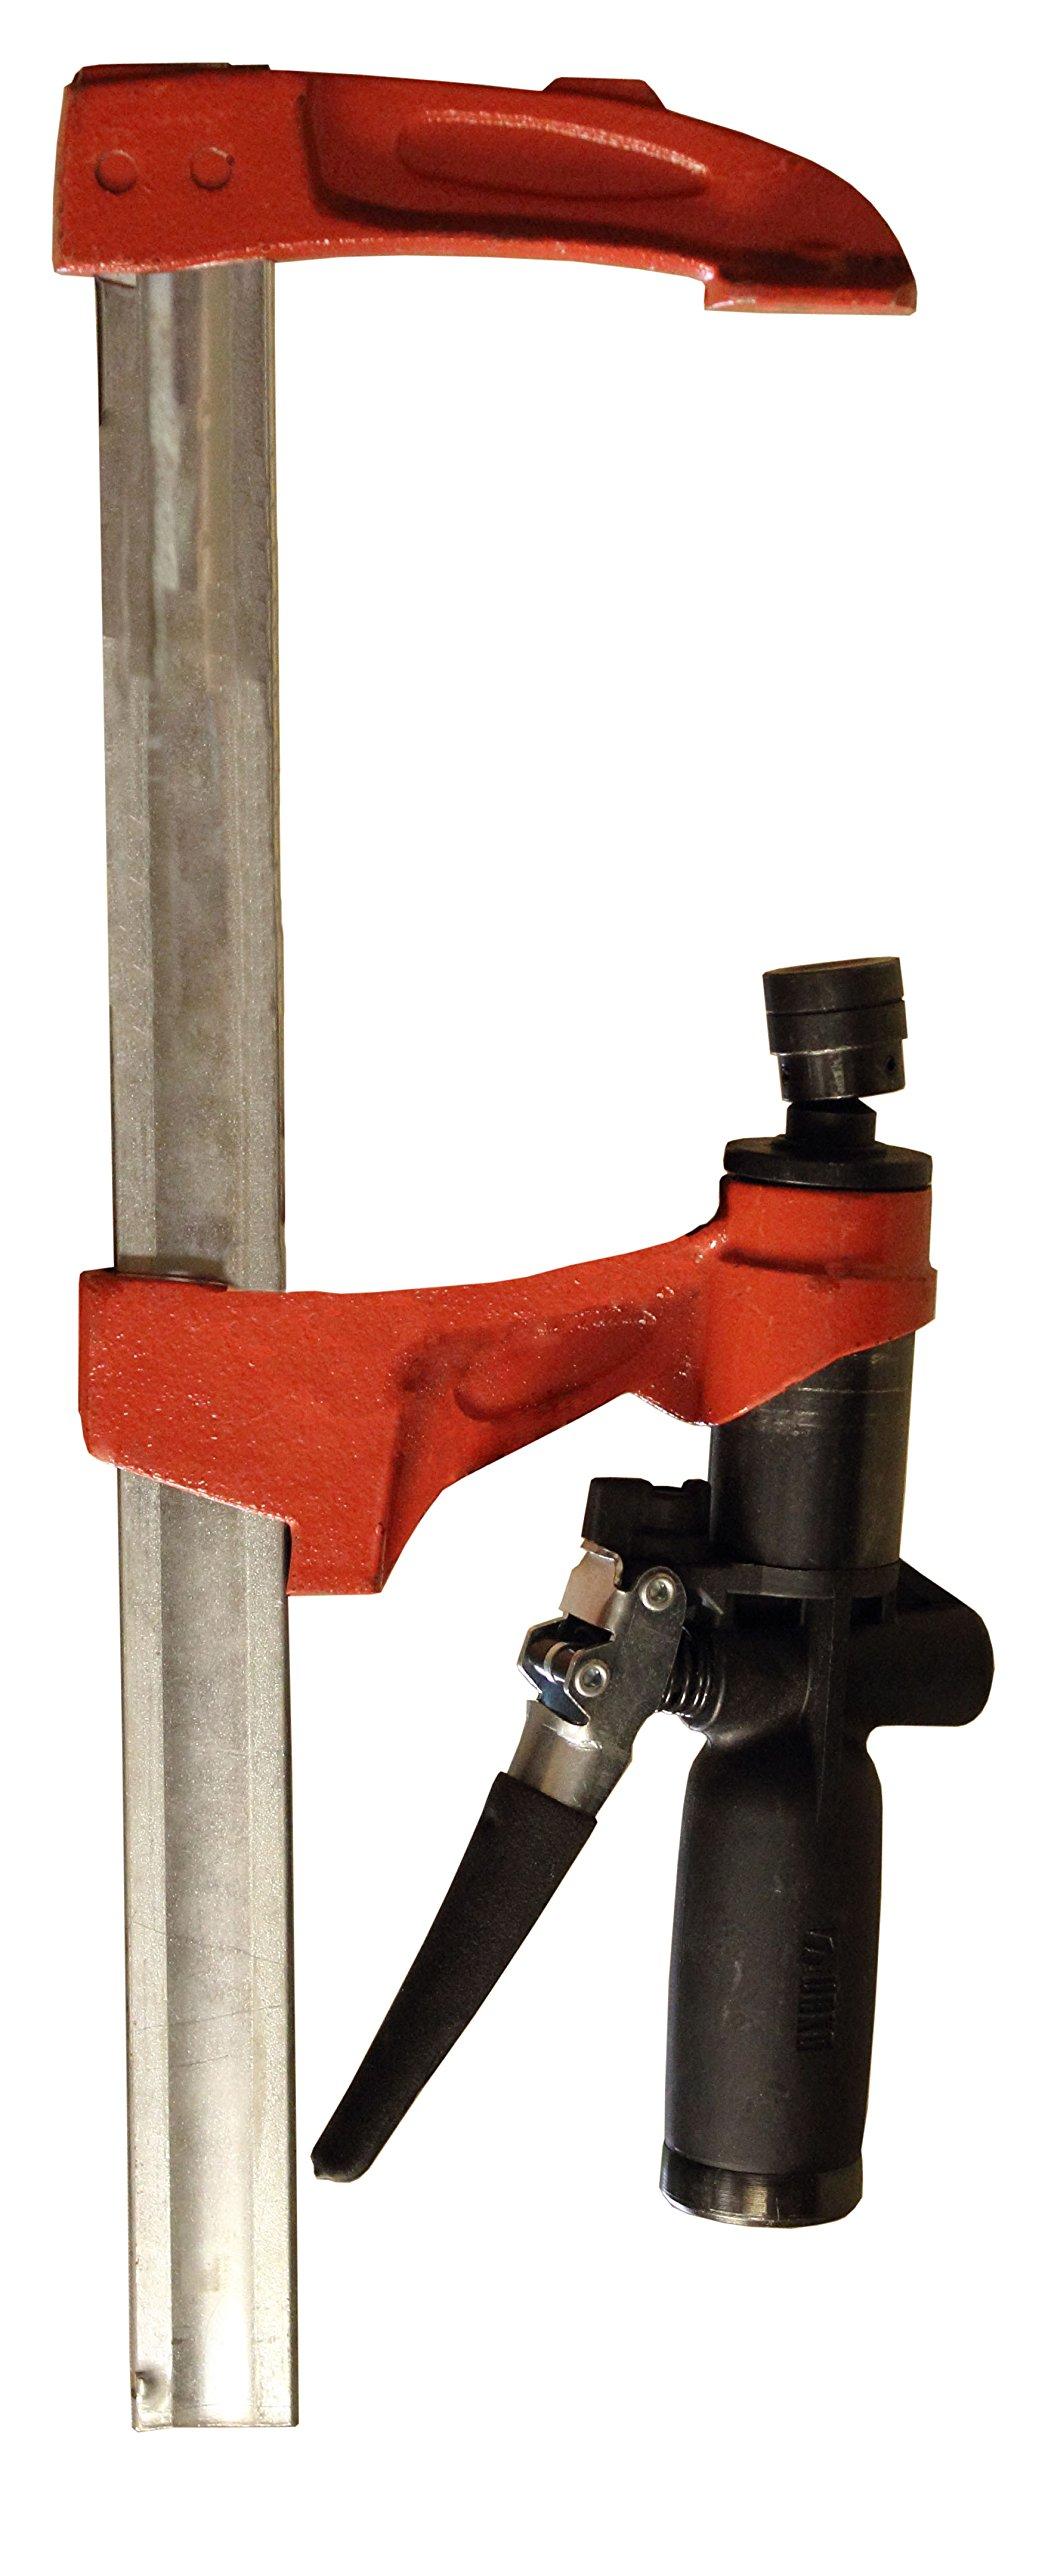 Mayhew 46142 Sureforce Hydraulic 1800 Capacity 5'' Throat, 1.4'' x 20'' Bar